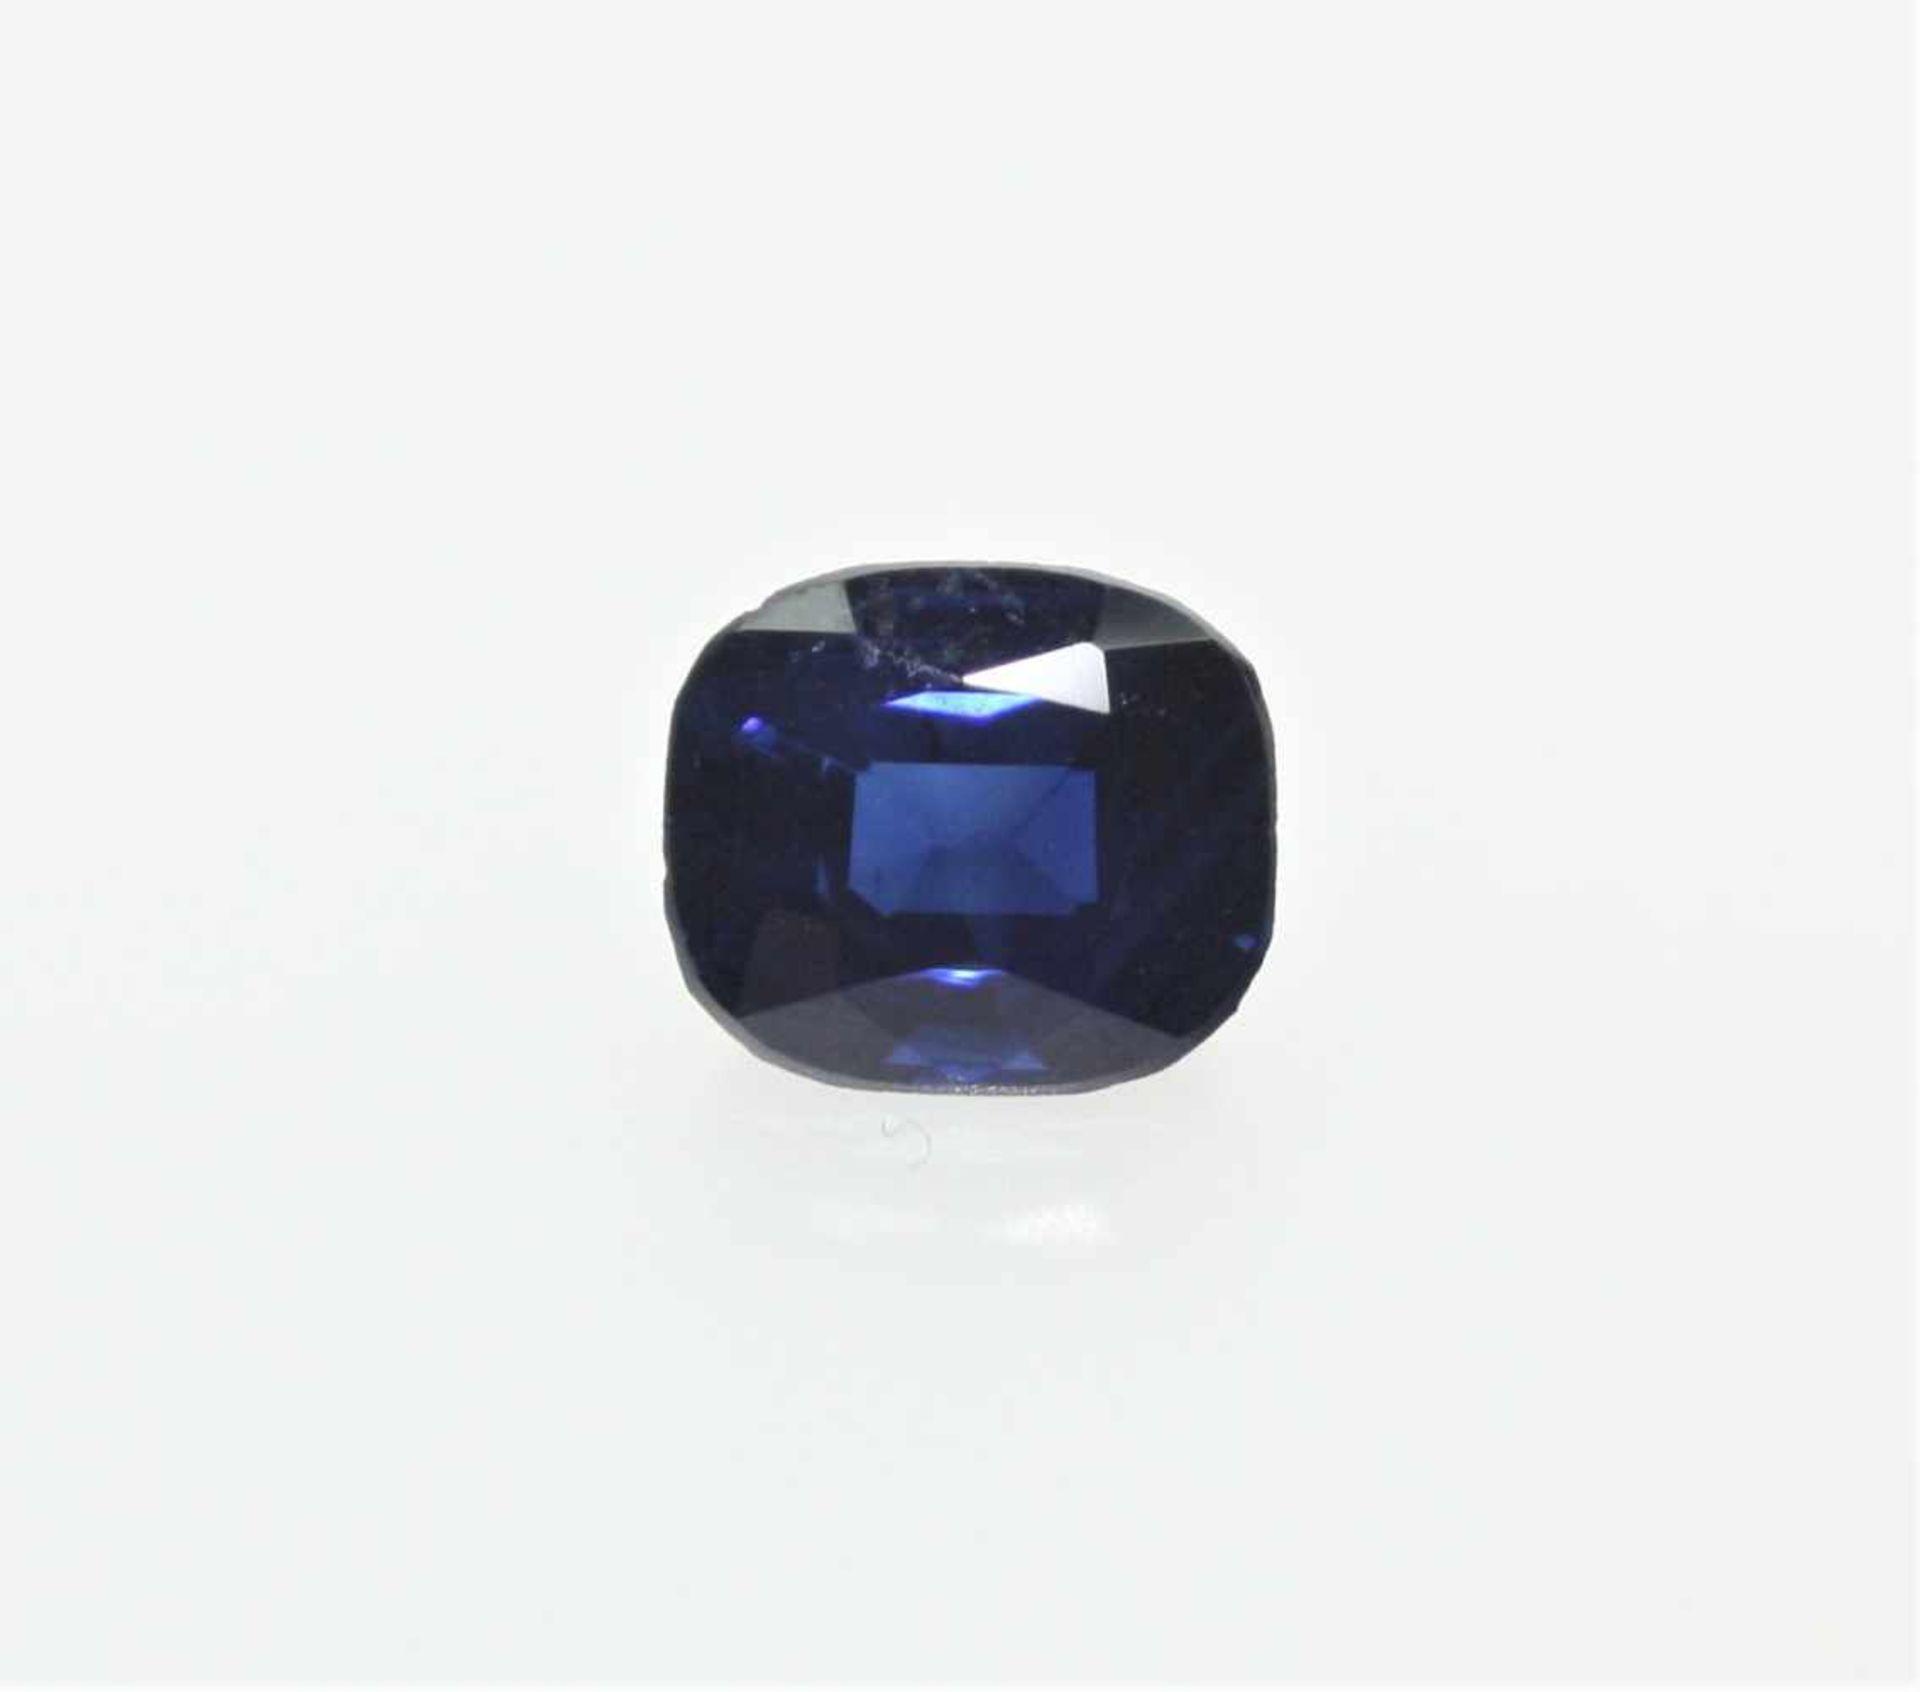 Ein ungefasster, dunkelblauer Saphir ca. 1,90 ct, stumpf/rechteckig gemischter Schliff, eine winzige